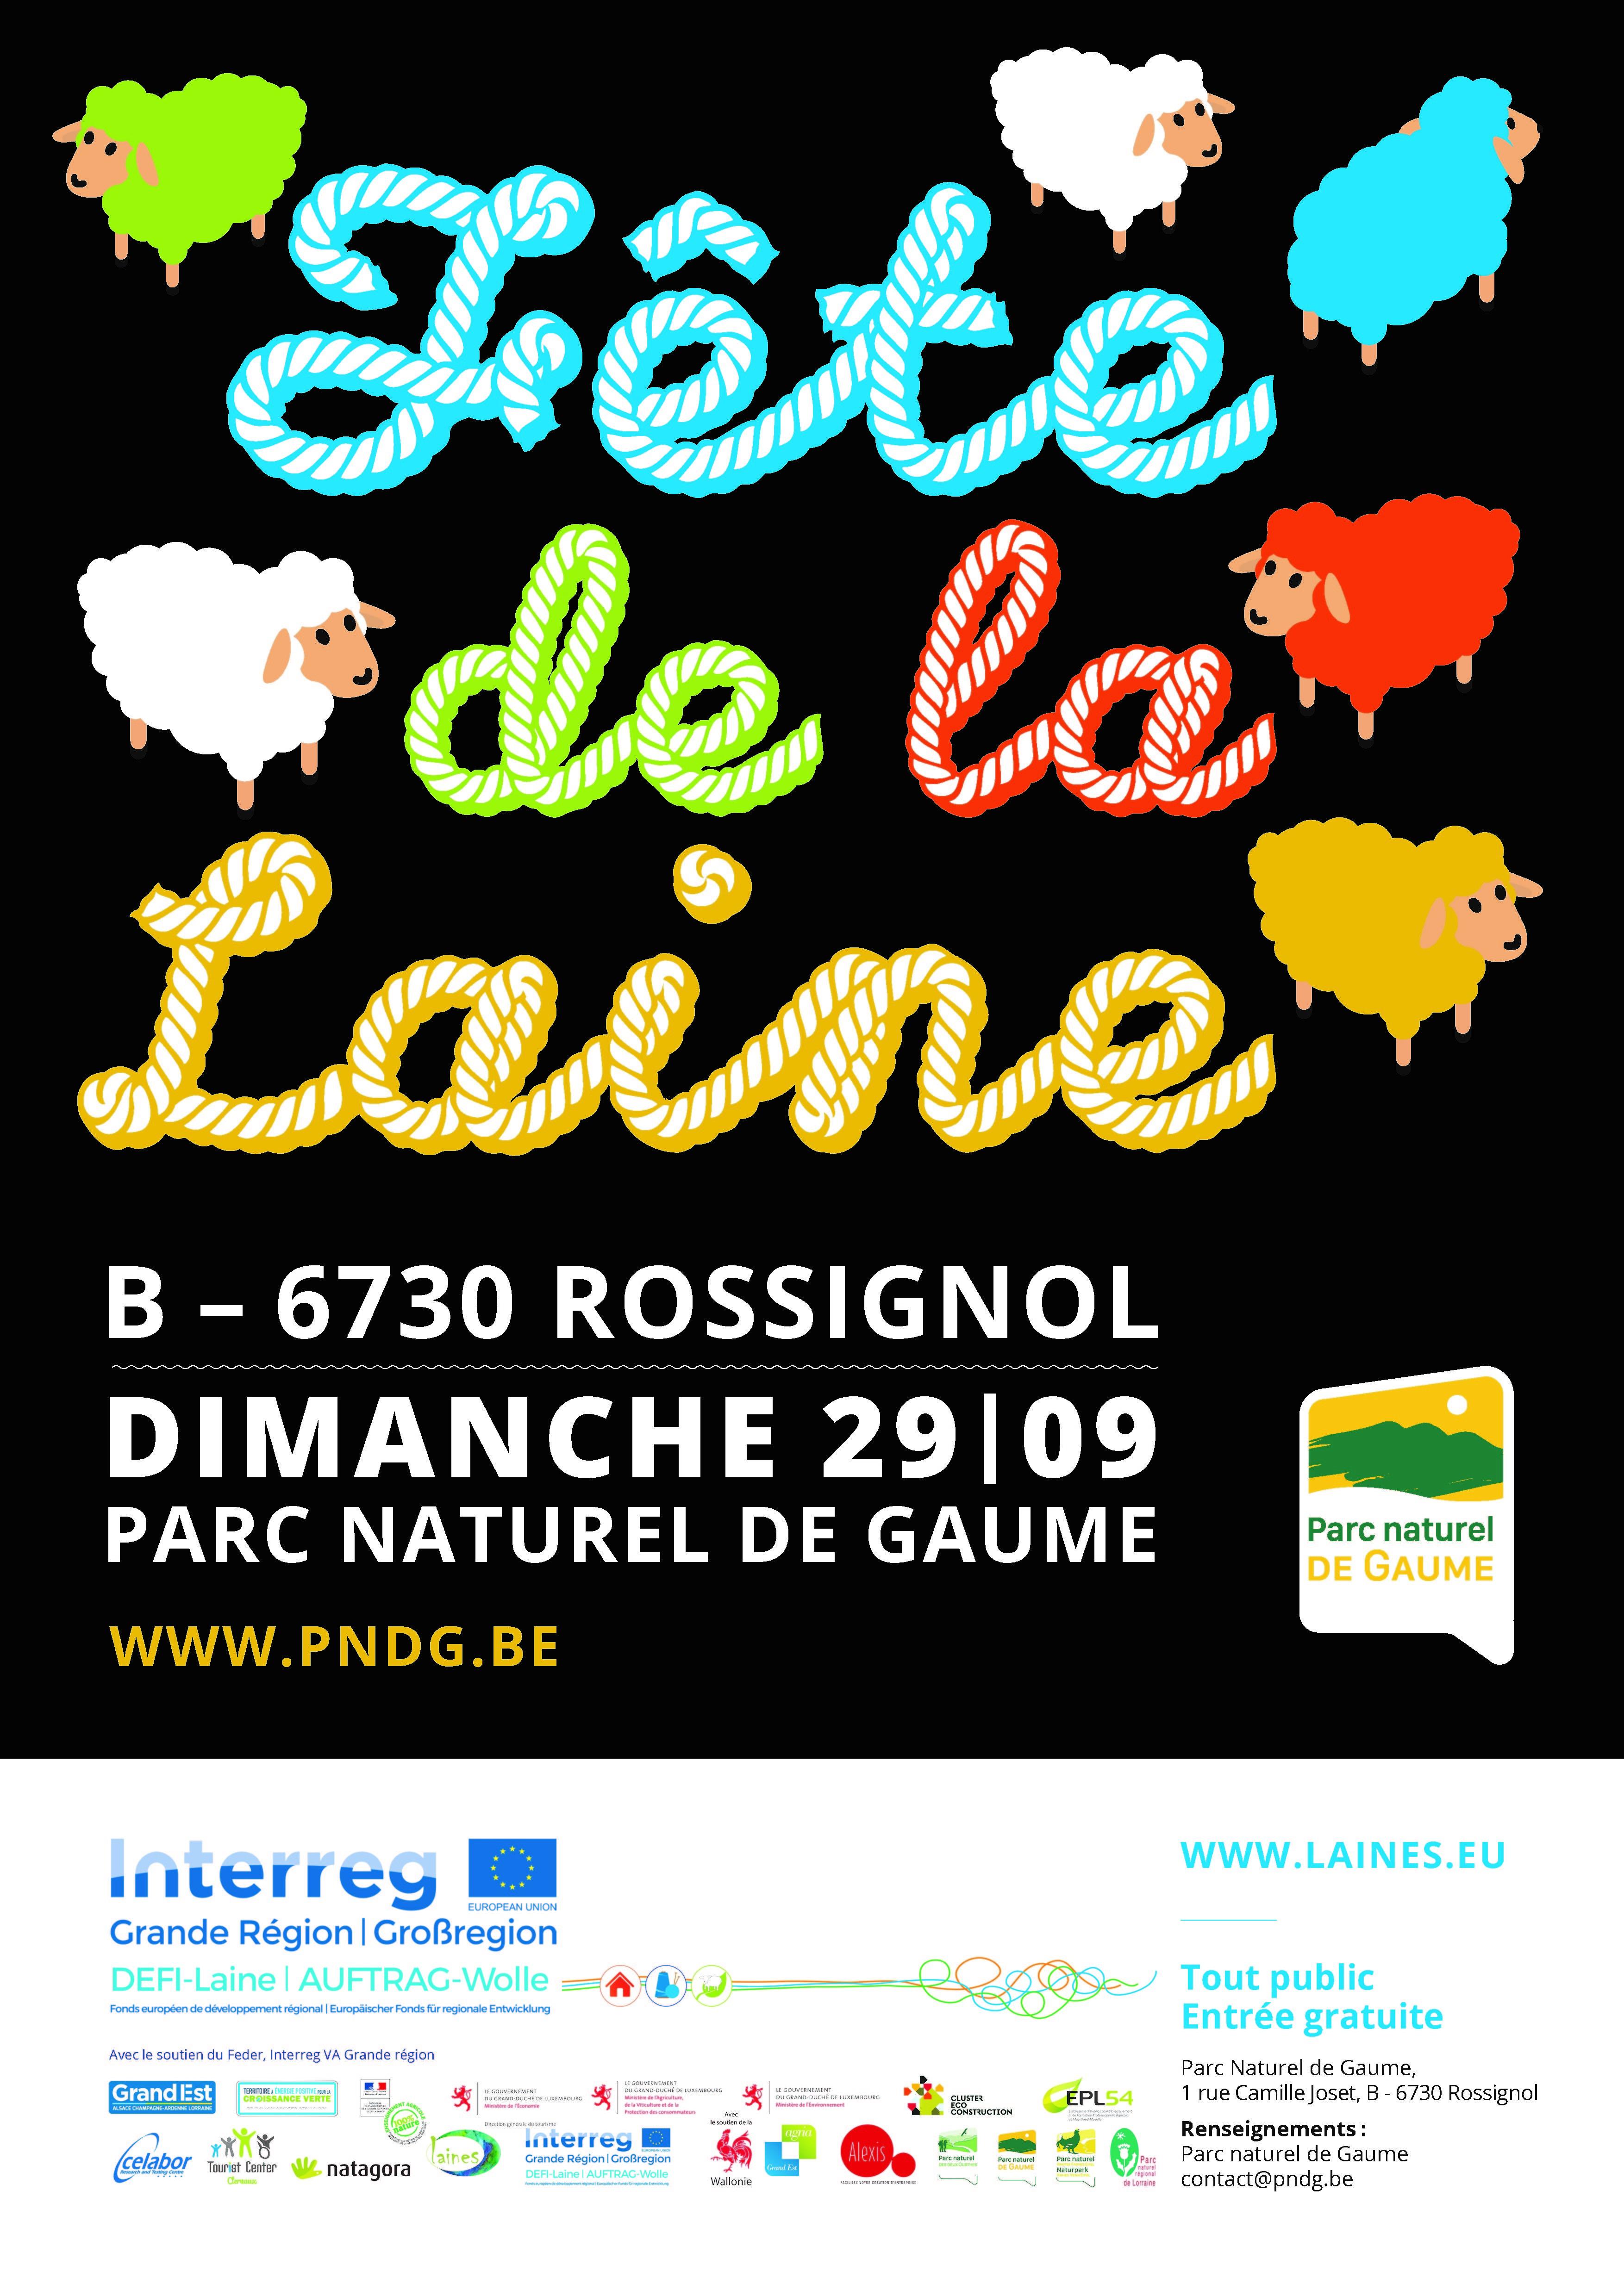 L'univers de DEFI-laine, Affiche de la Fête de la laine à Rossignol le dimanche 29 septembre 2019